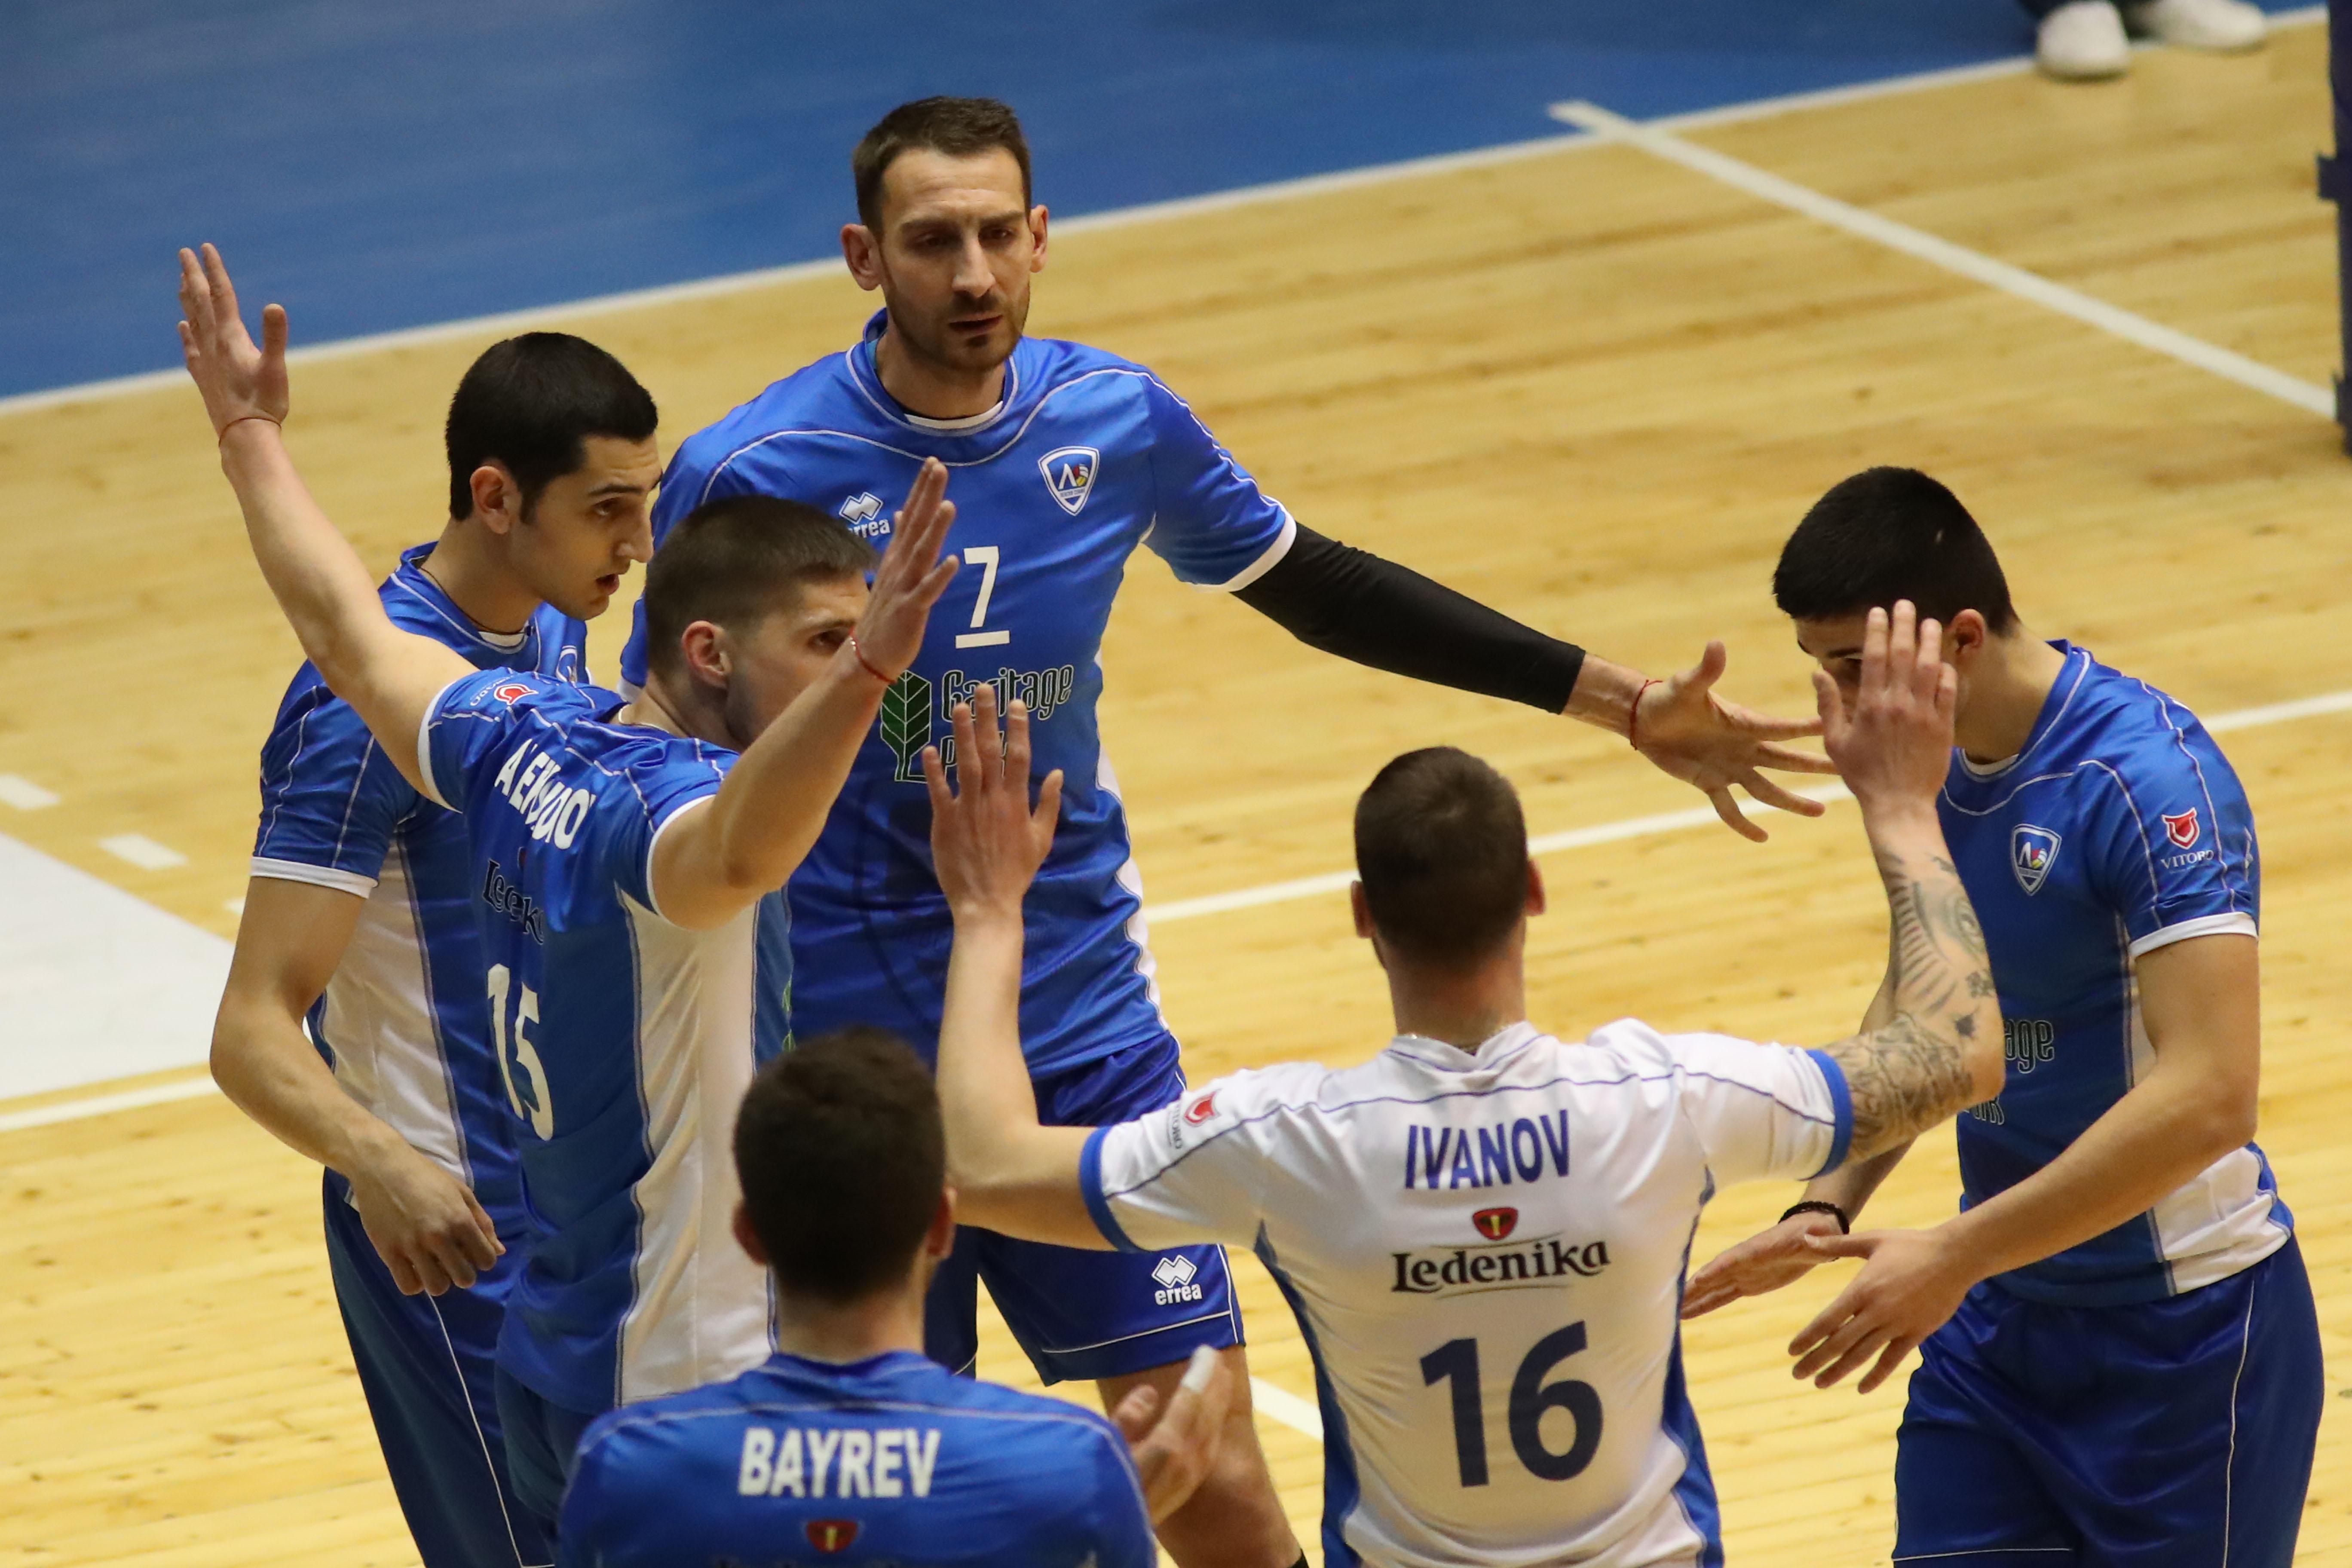 ВК Левски - Абиант Ликургус - 1/16 финал за Купата на CEV